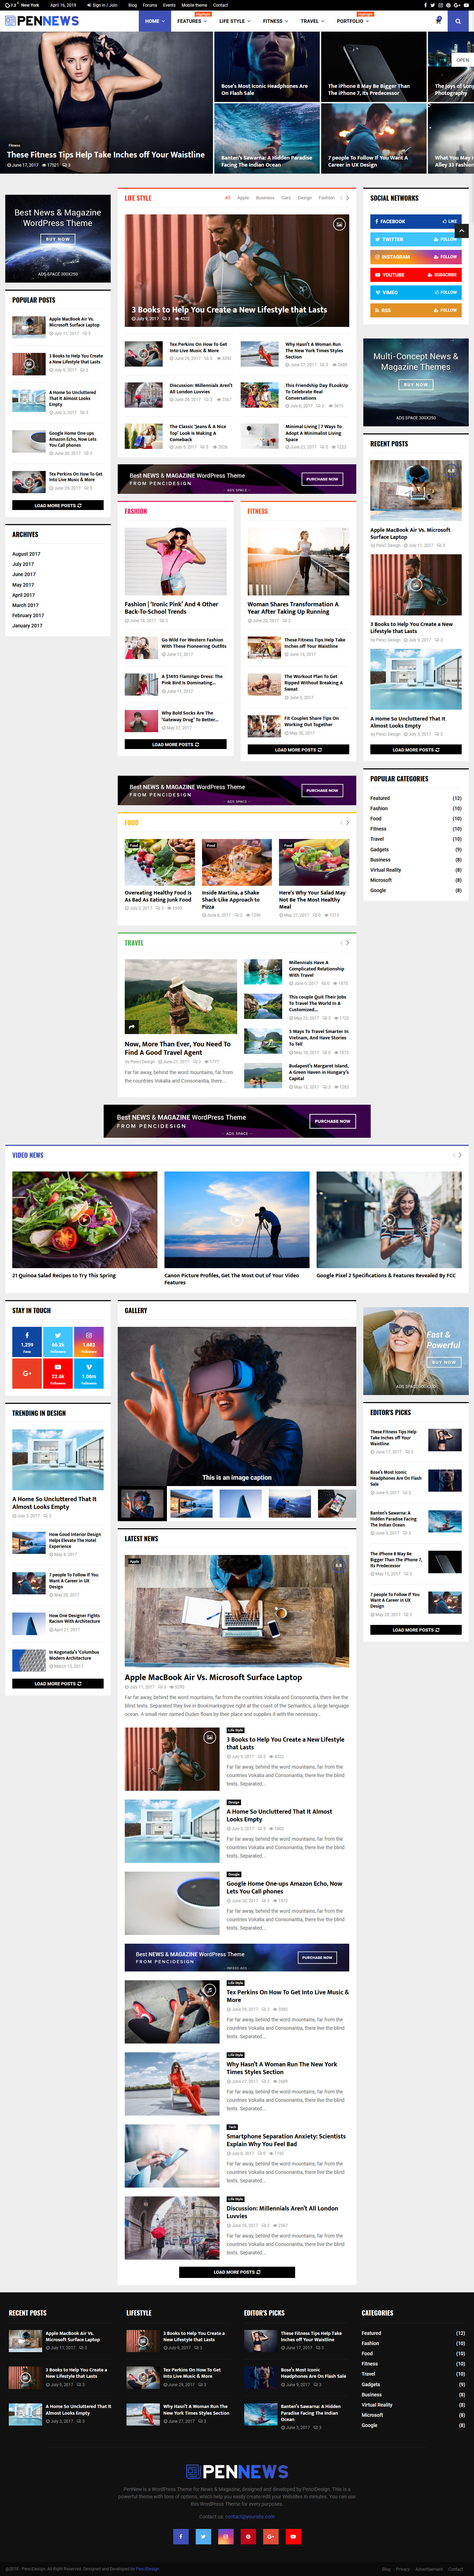 PenNews - Mejor tema de WordPress de revisión premium